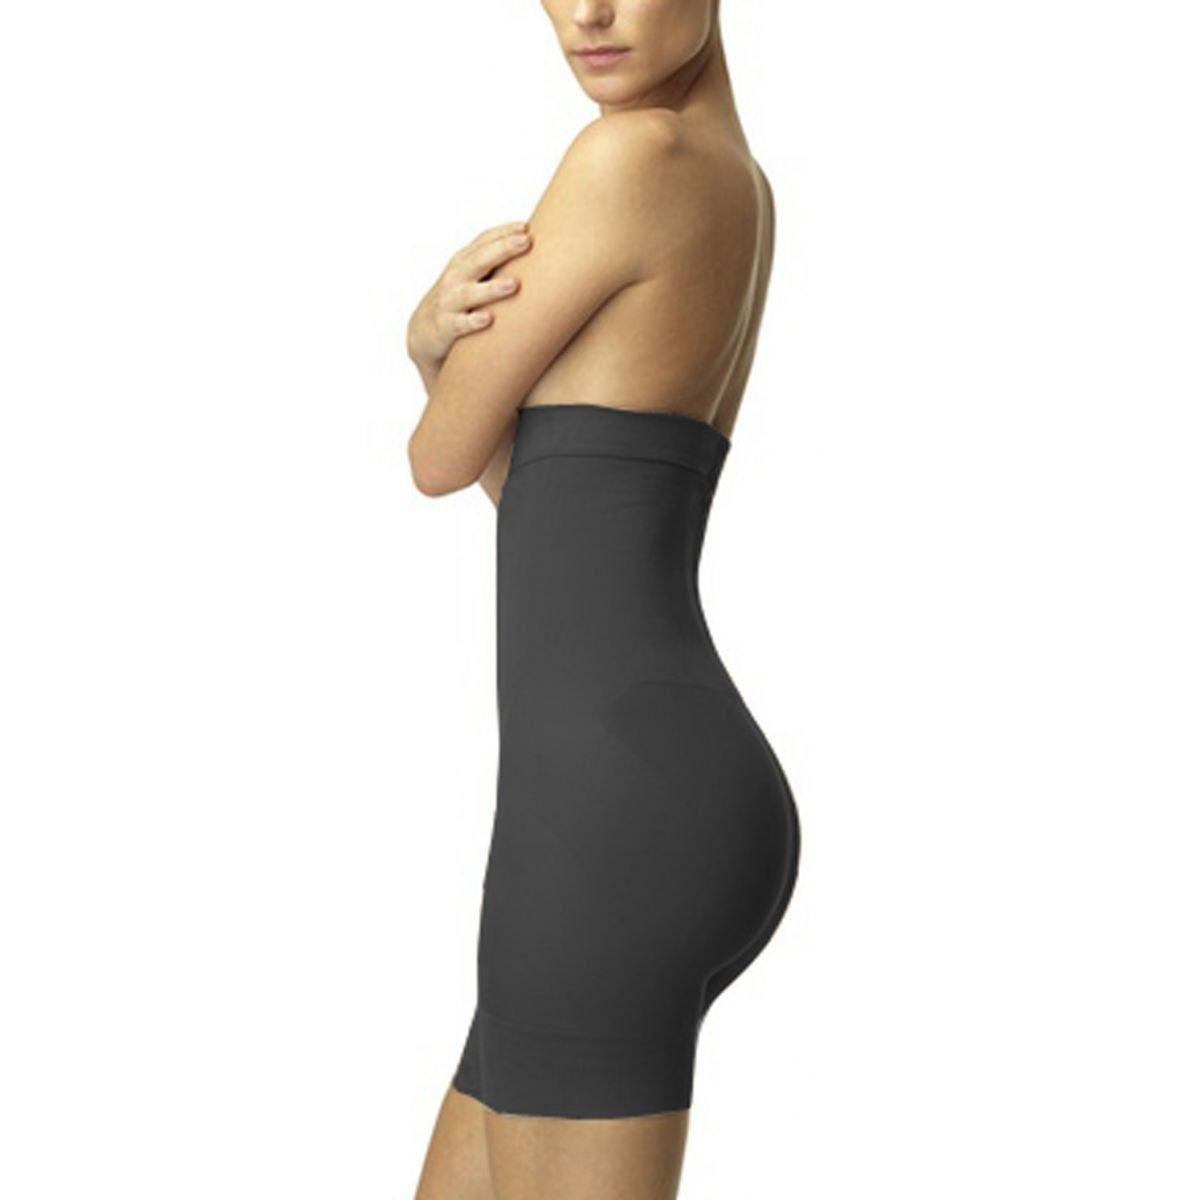 36cc4e3ab Shorts Slim Modelador Redutor Medida Afina Cintura Cinta Loba Lupo - Preto  - Compre Agora